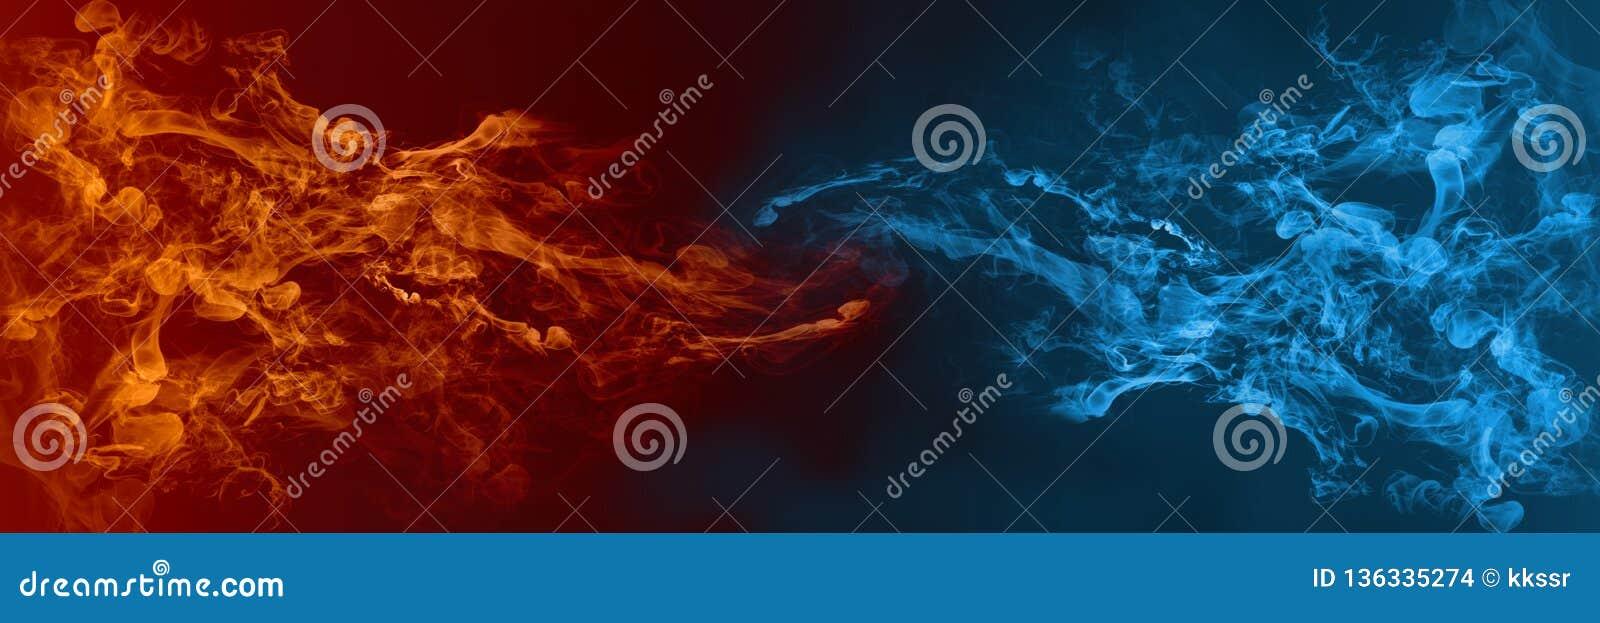 反对对彼此的抽象火和冰元素背景 热和冷的概念